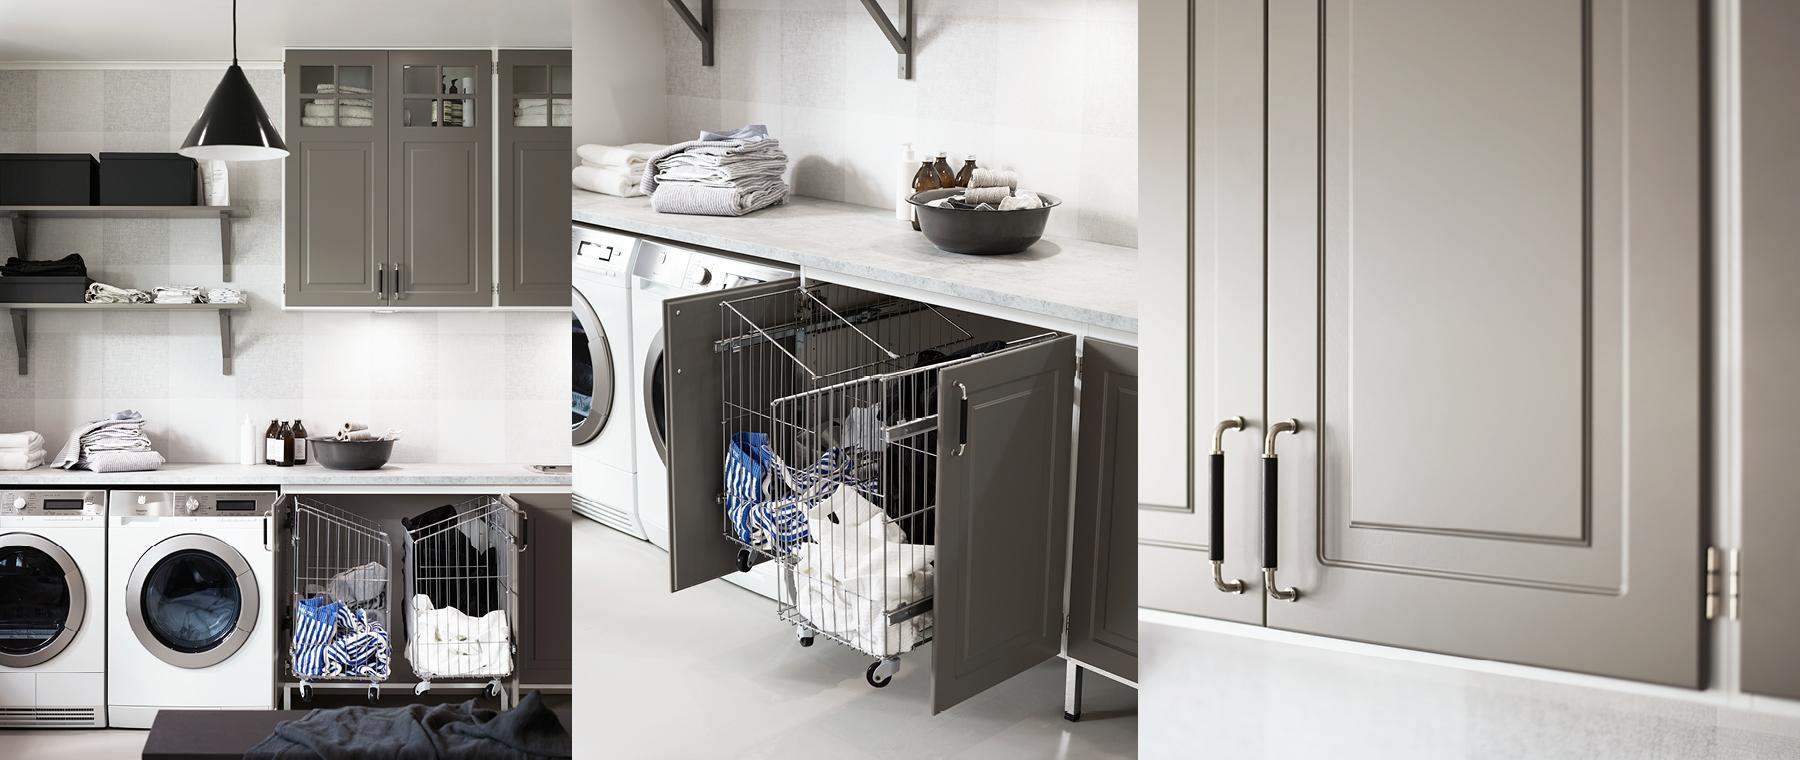 Ingrid målad kökslucka - Nytt kök badrum och tvättstuga - Vedum ...